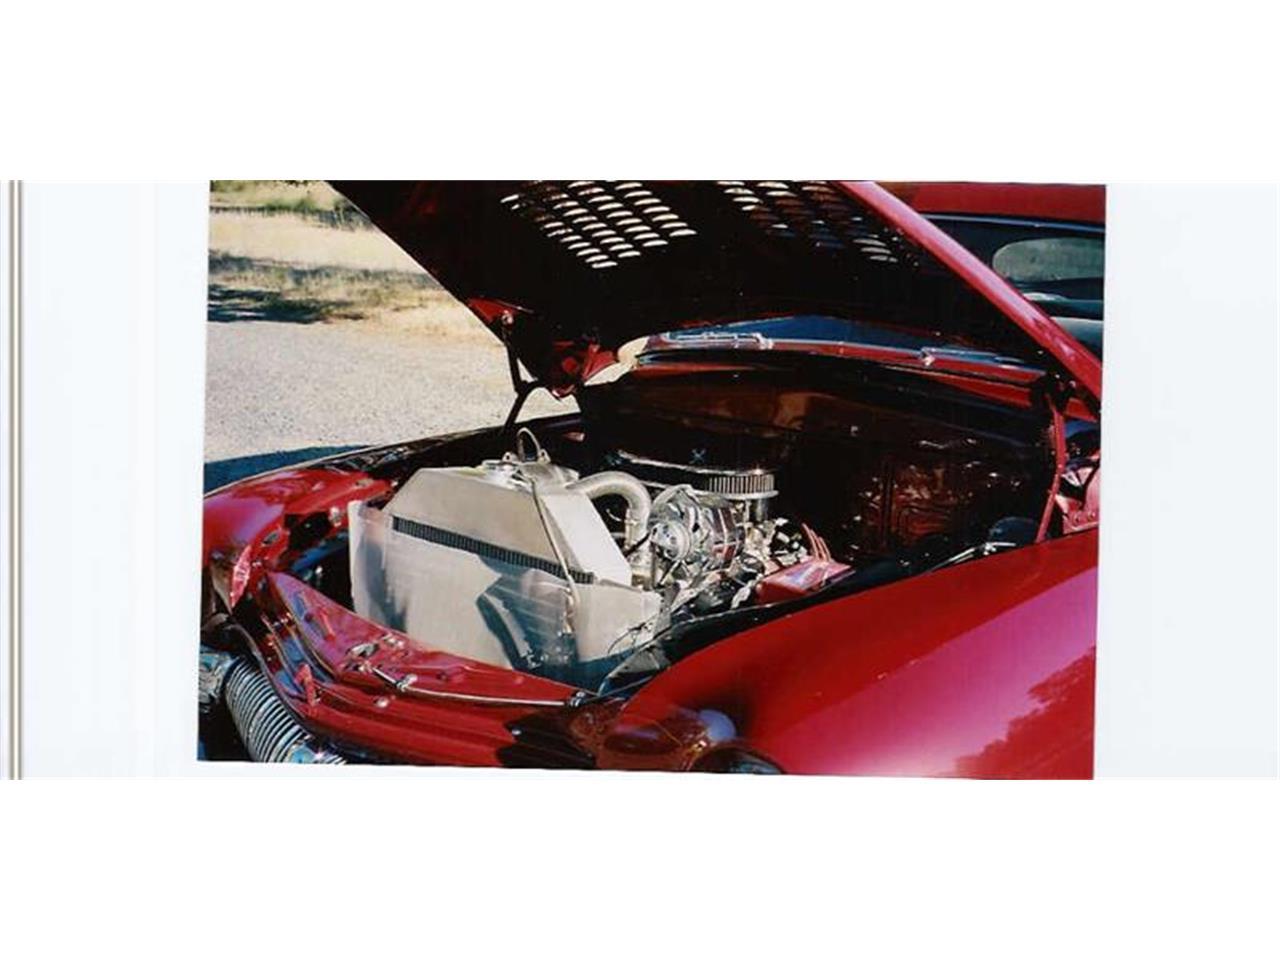 Large Picture of Classic '50 Mercury 4-Dr Sedan located in California - EAIC